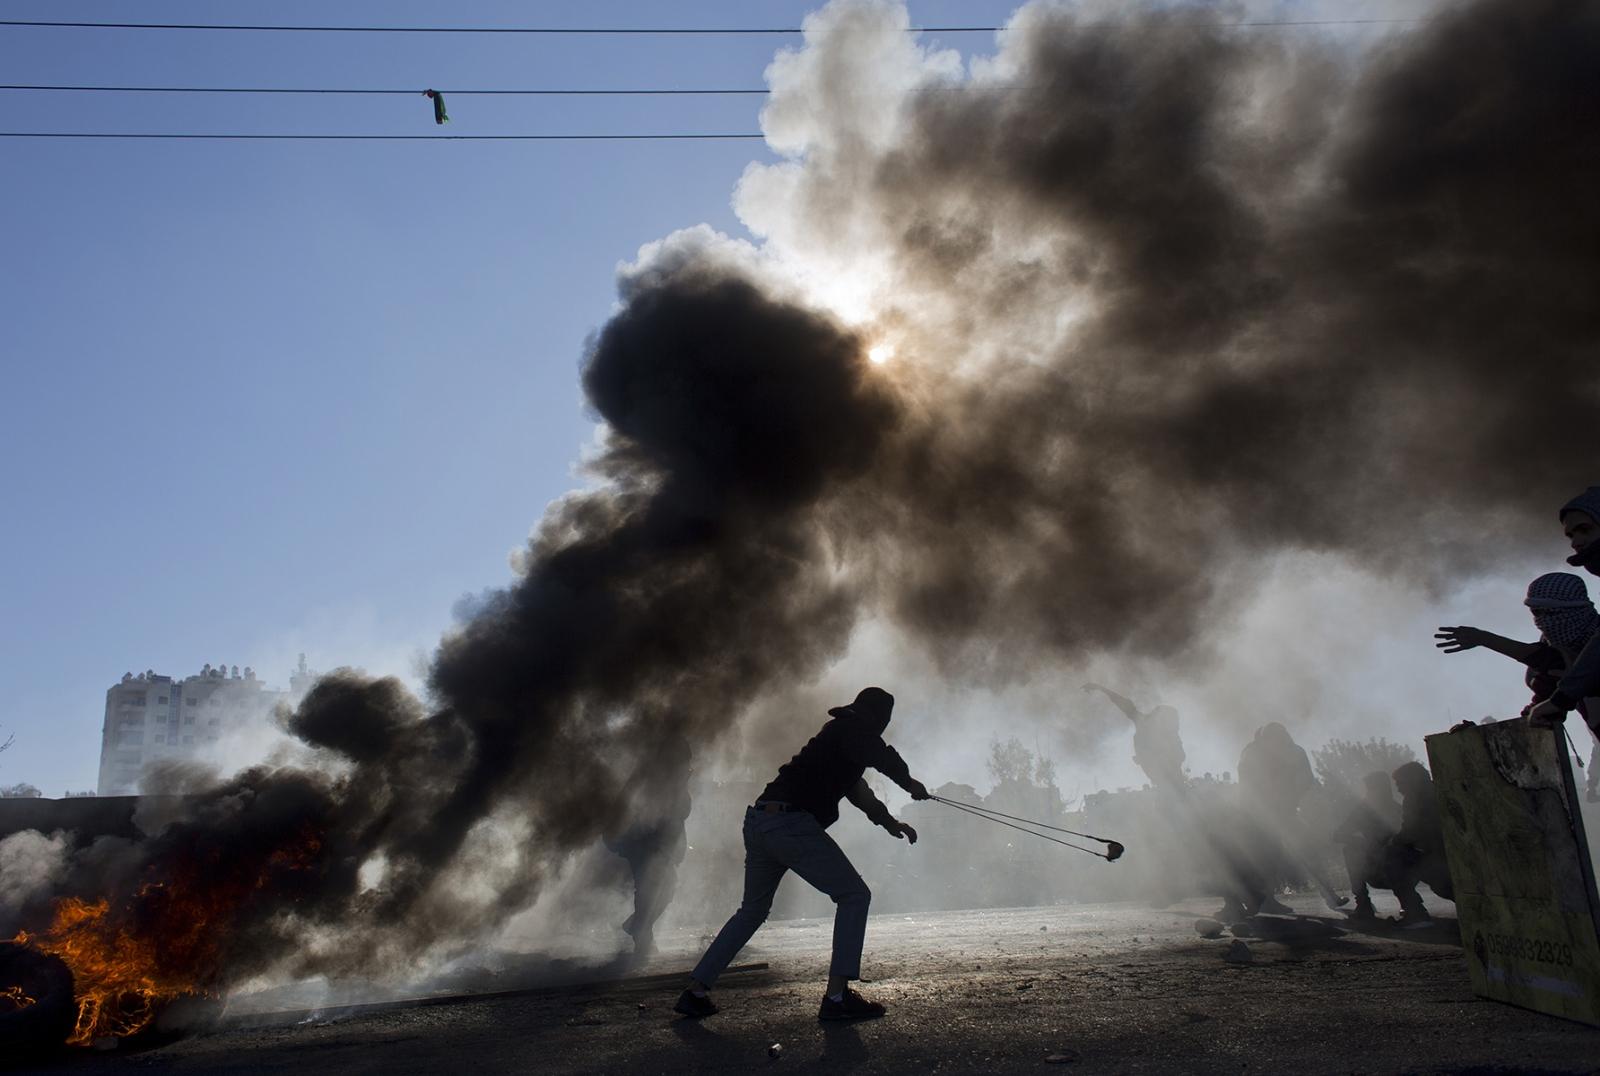 Medio Oriente: Decisión de Trump socava la paz en la región